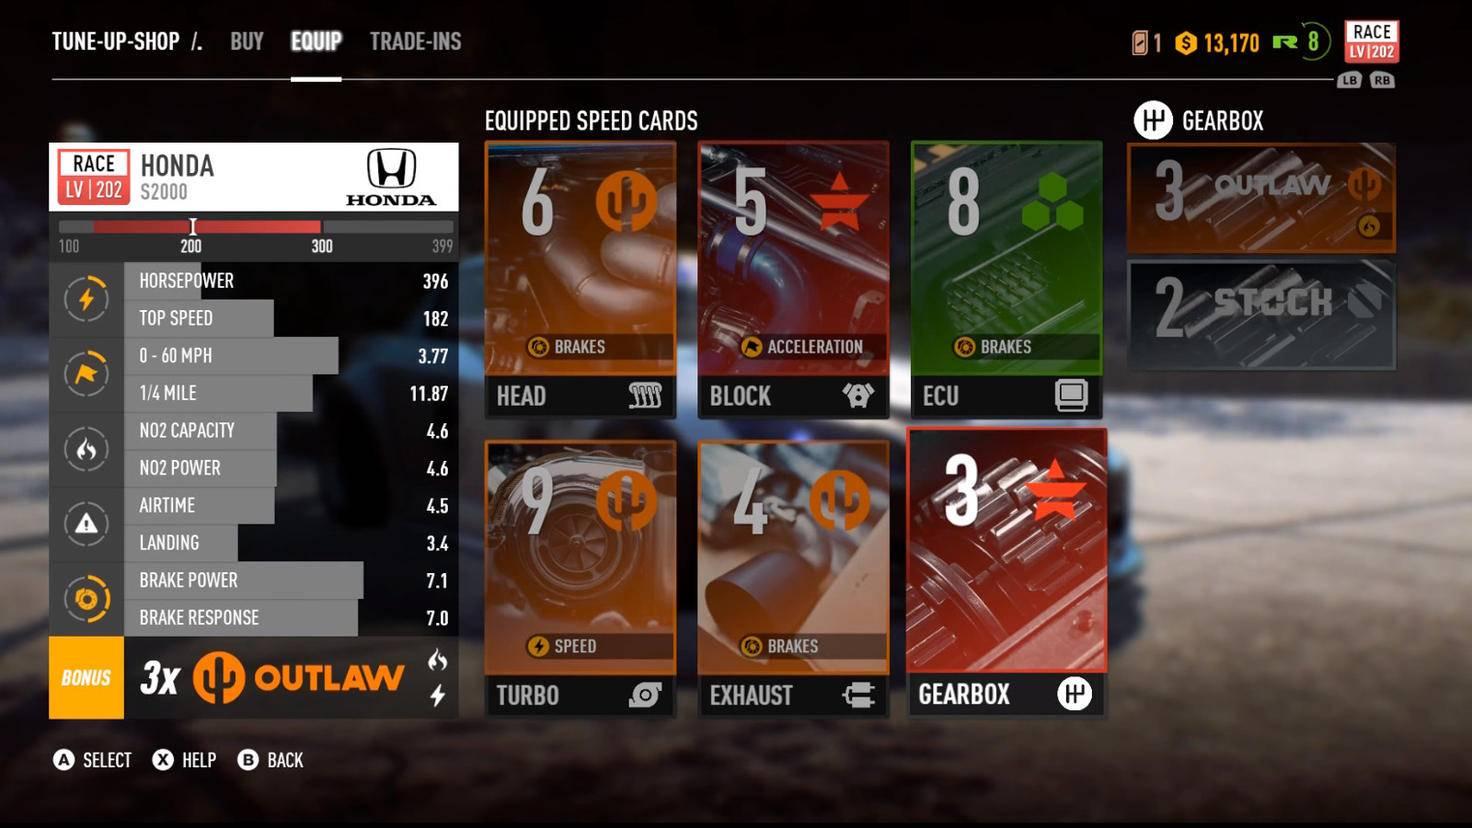 Eine Beispiel-Konfiguration mit sechs Speed-Karten. Unten links ist der Marken-Bonus zu sehen, der durch die drei Outlaw-Karten in den Slots Kopf, Turbo und Auspuff erreicht wird.